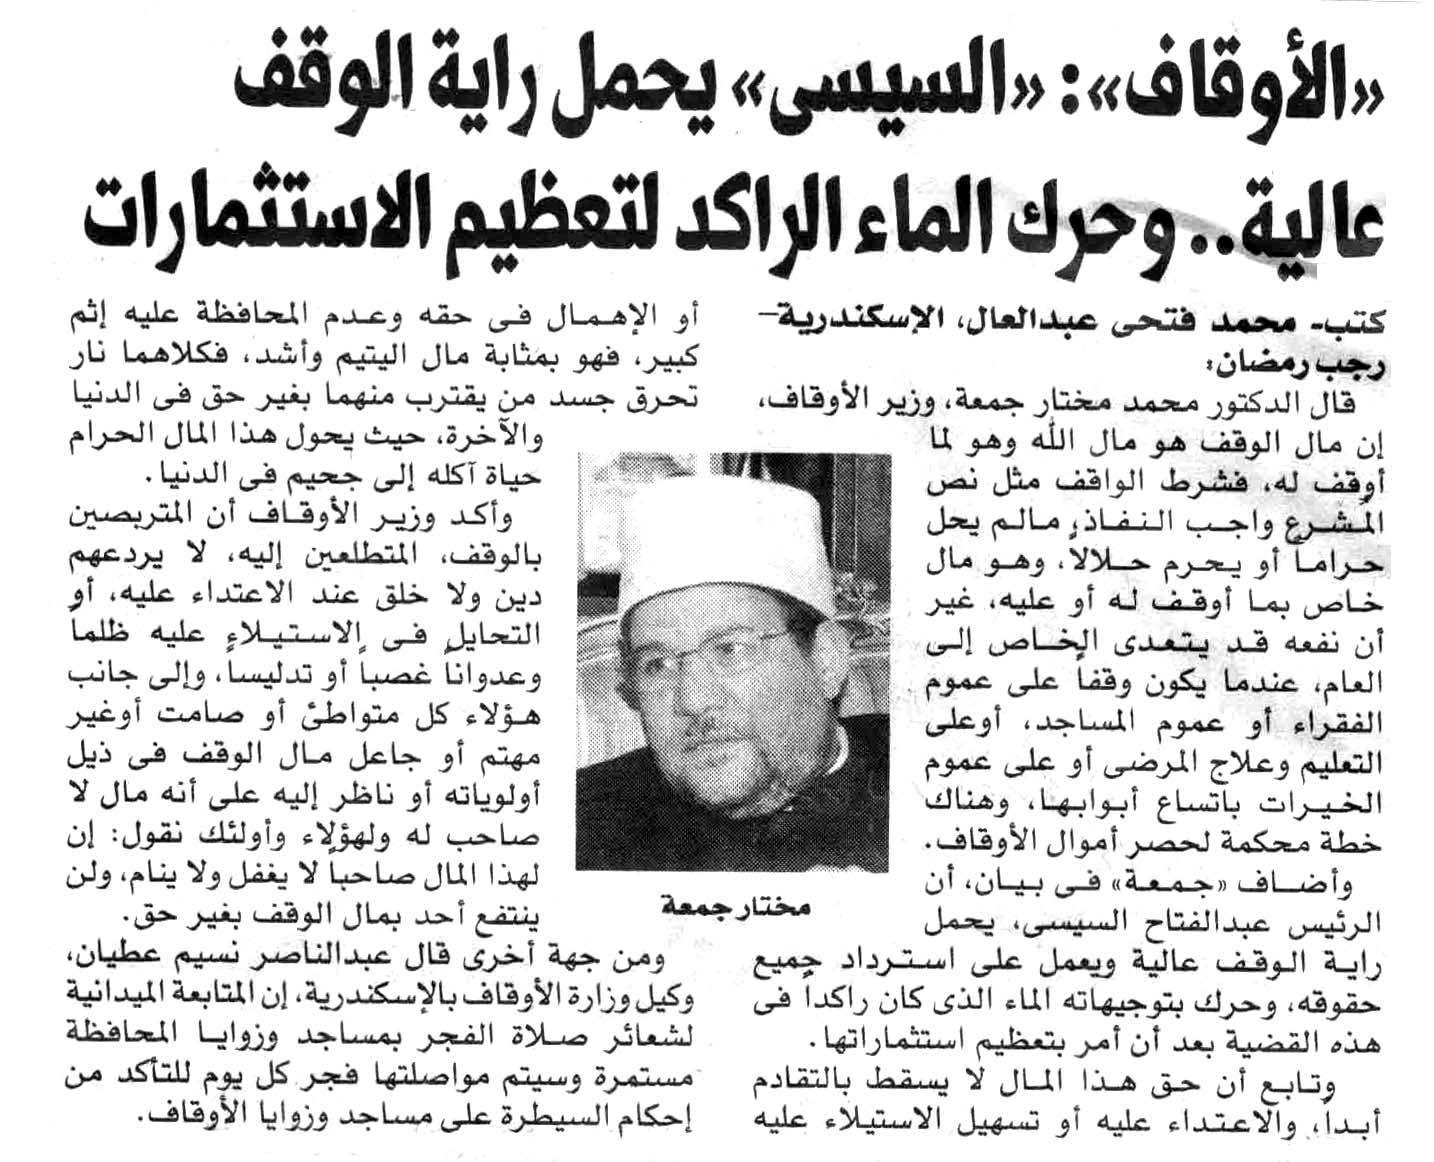 المصري اليوم4